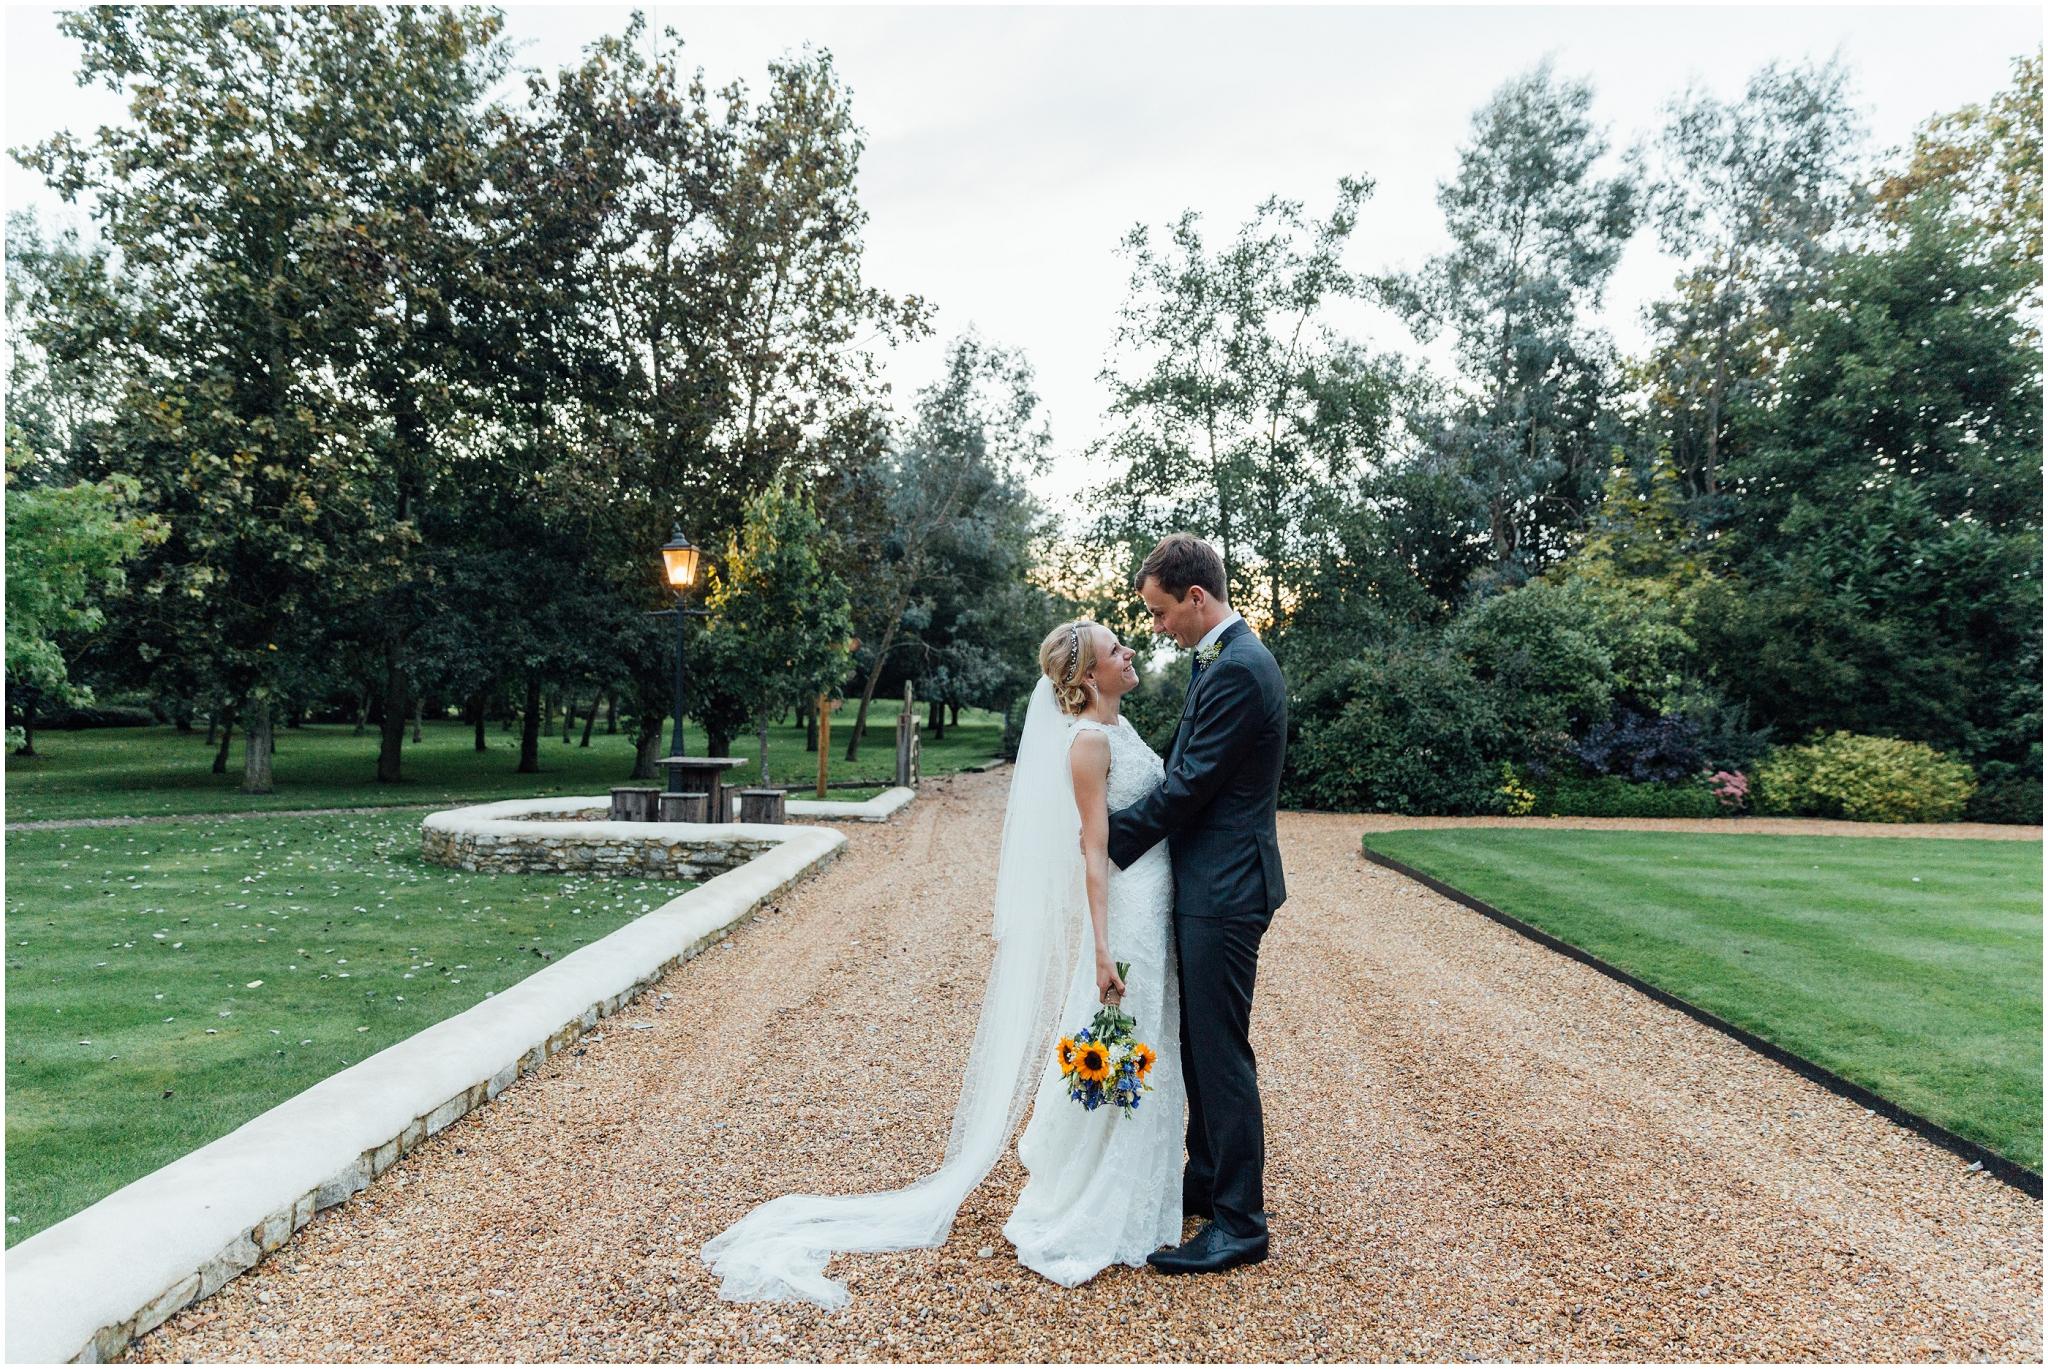 tythe-barn-wedding-690